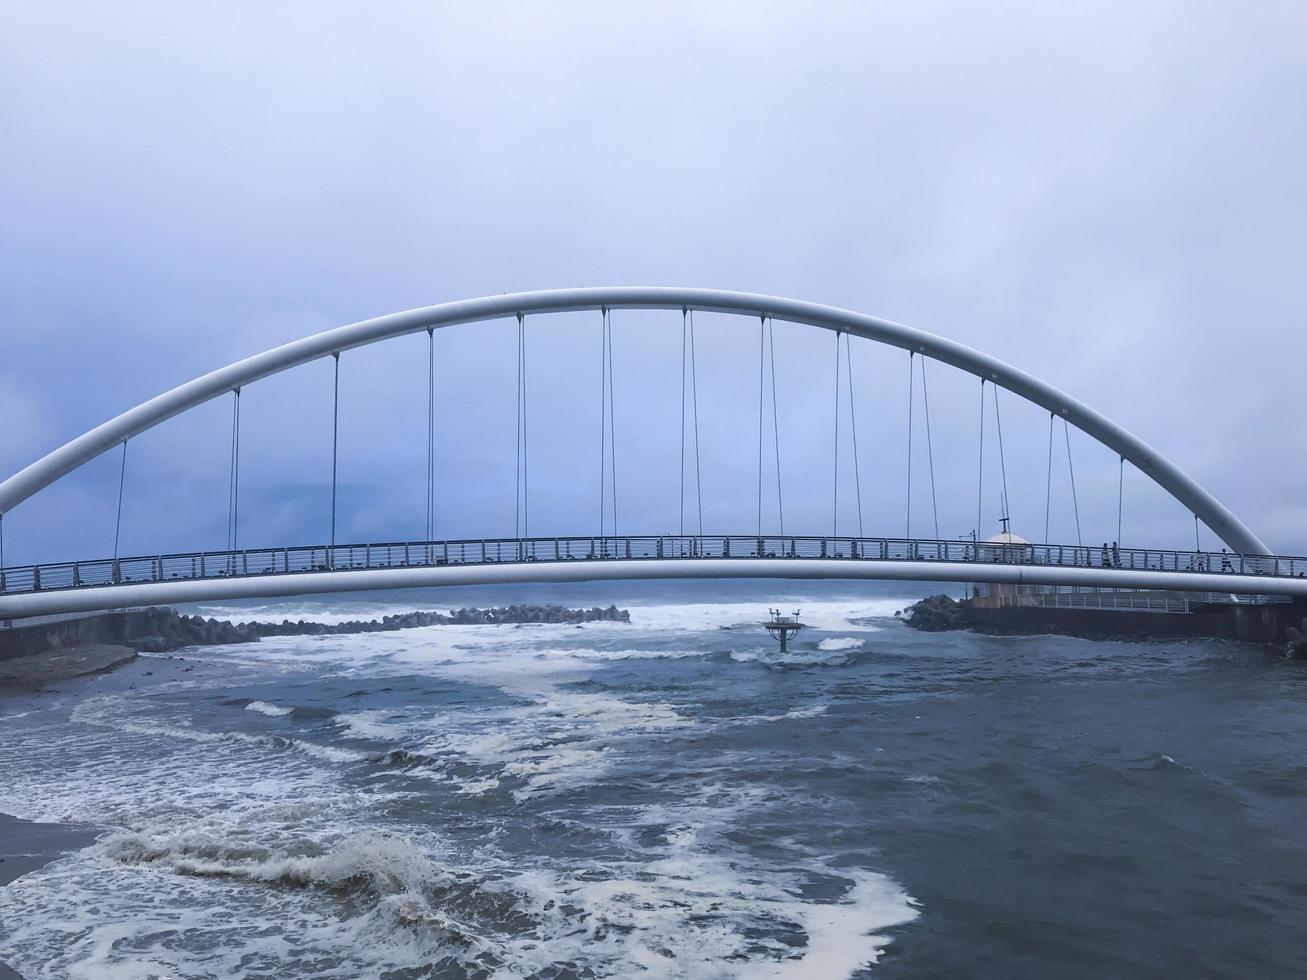 boogbrug in de stad Gangneung in de buurt van de zee, Zuid-Korea foto